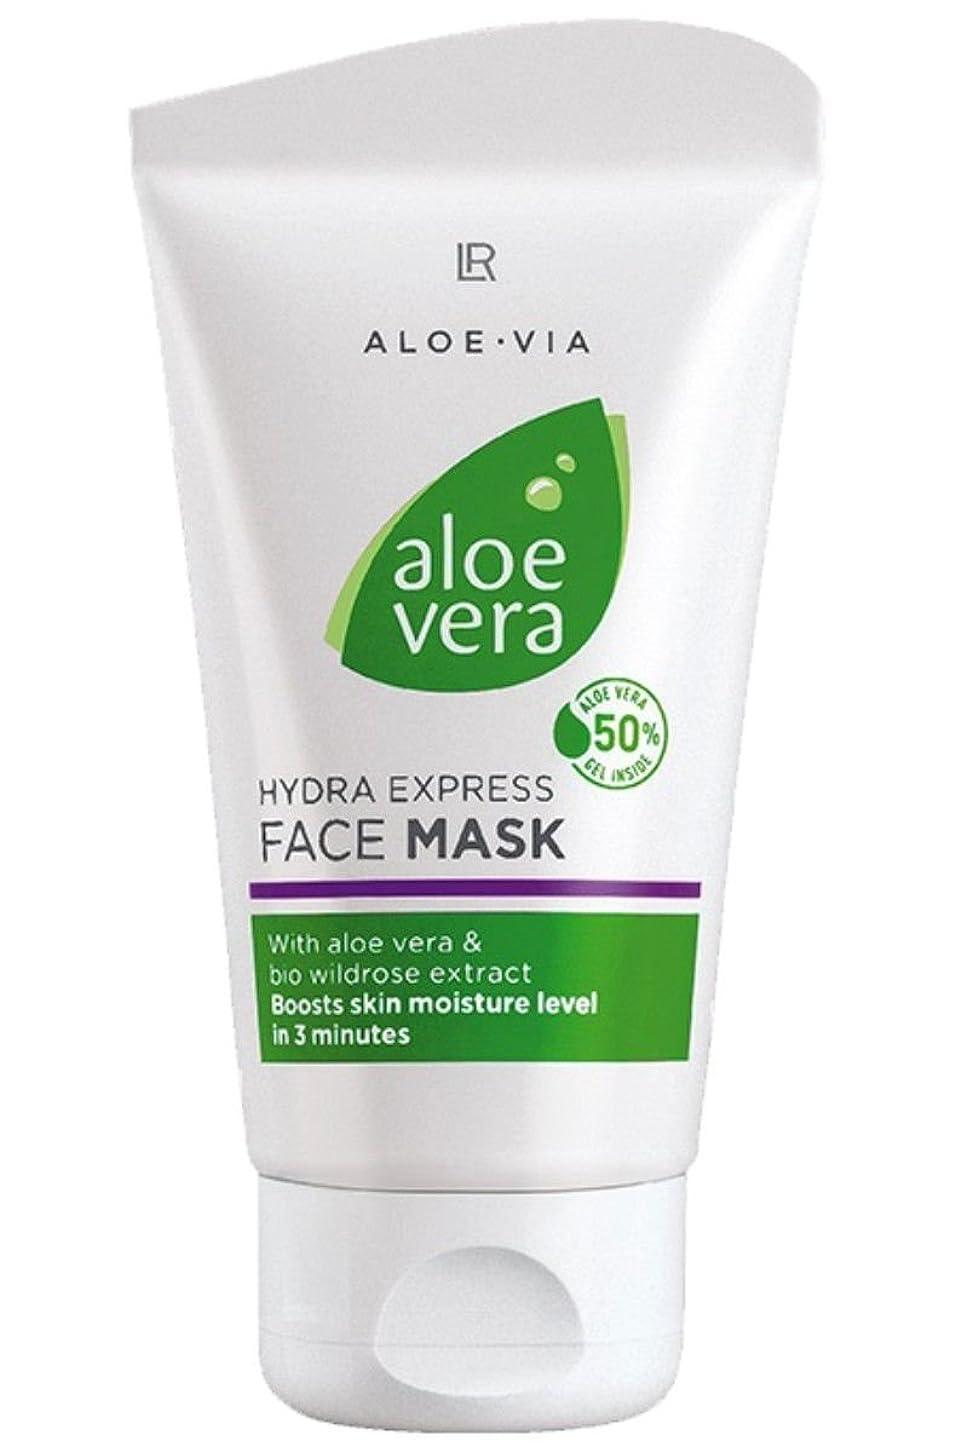 有益パイル姿を消すL R アロエベラ顔ヒアルロン酸、シアバター、オリーブオイルとアロエ?ベラ(50%)75 mlでマスク集中水和マスク